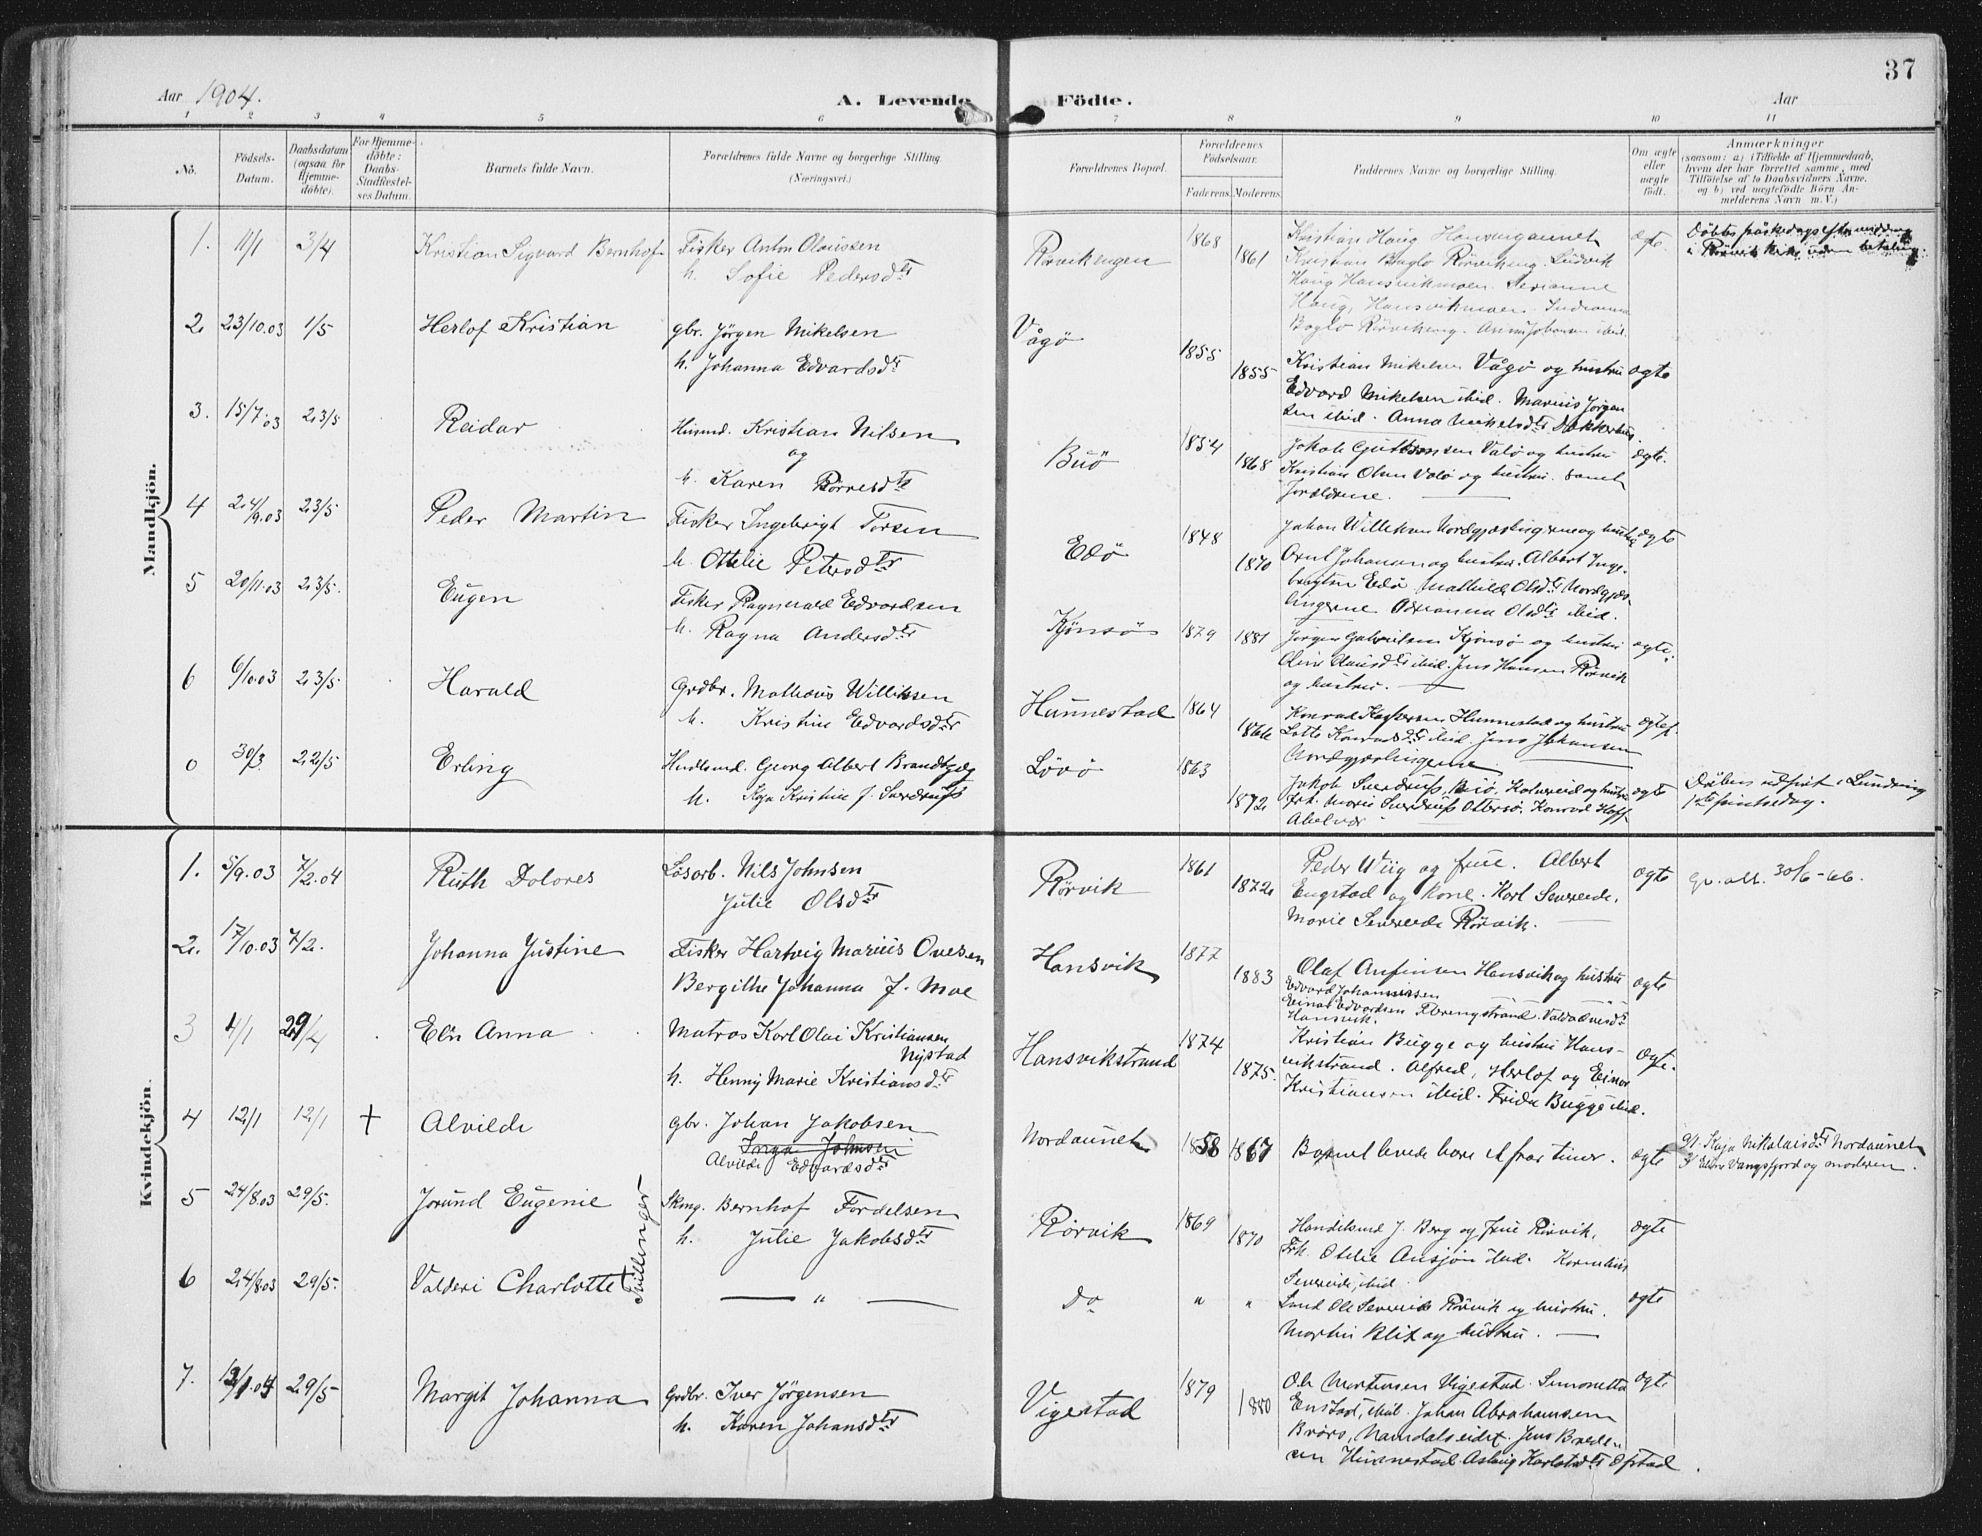 SAT, Ministerialprotokoller, klokkerbøker og fødselsregistre - Nord-Trøndelag, 786/L0688: Ministerialbok nr. 786A04, 1899-1912, s. 37